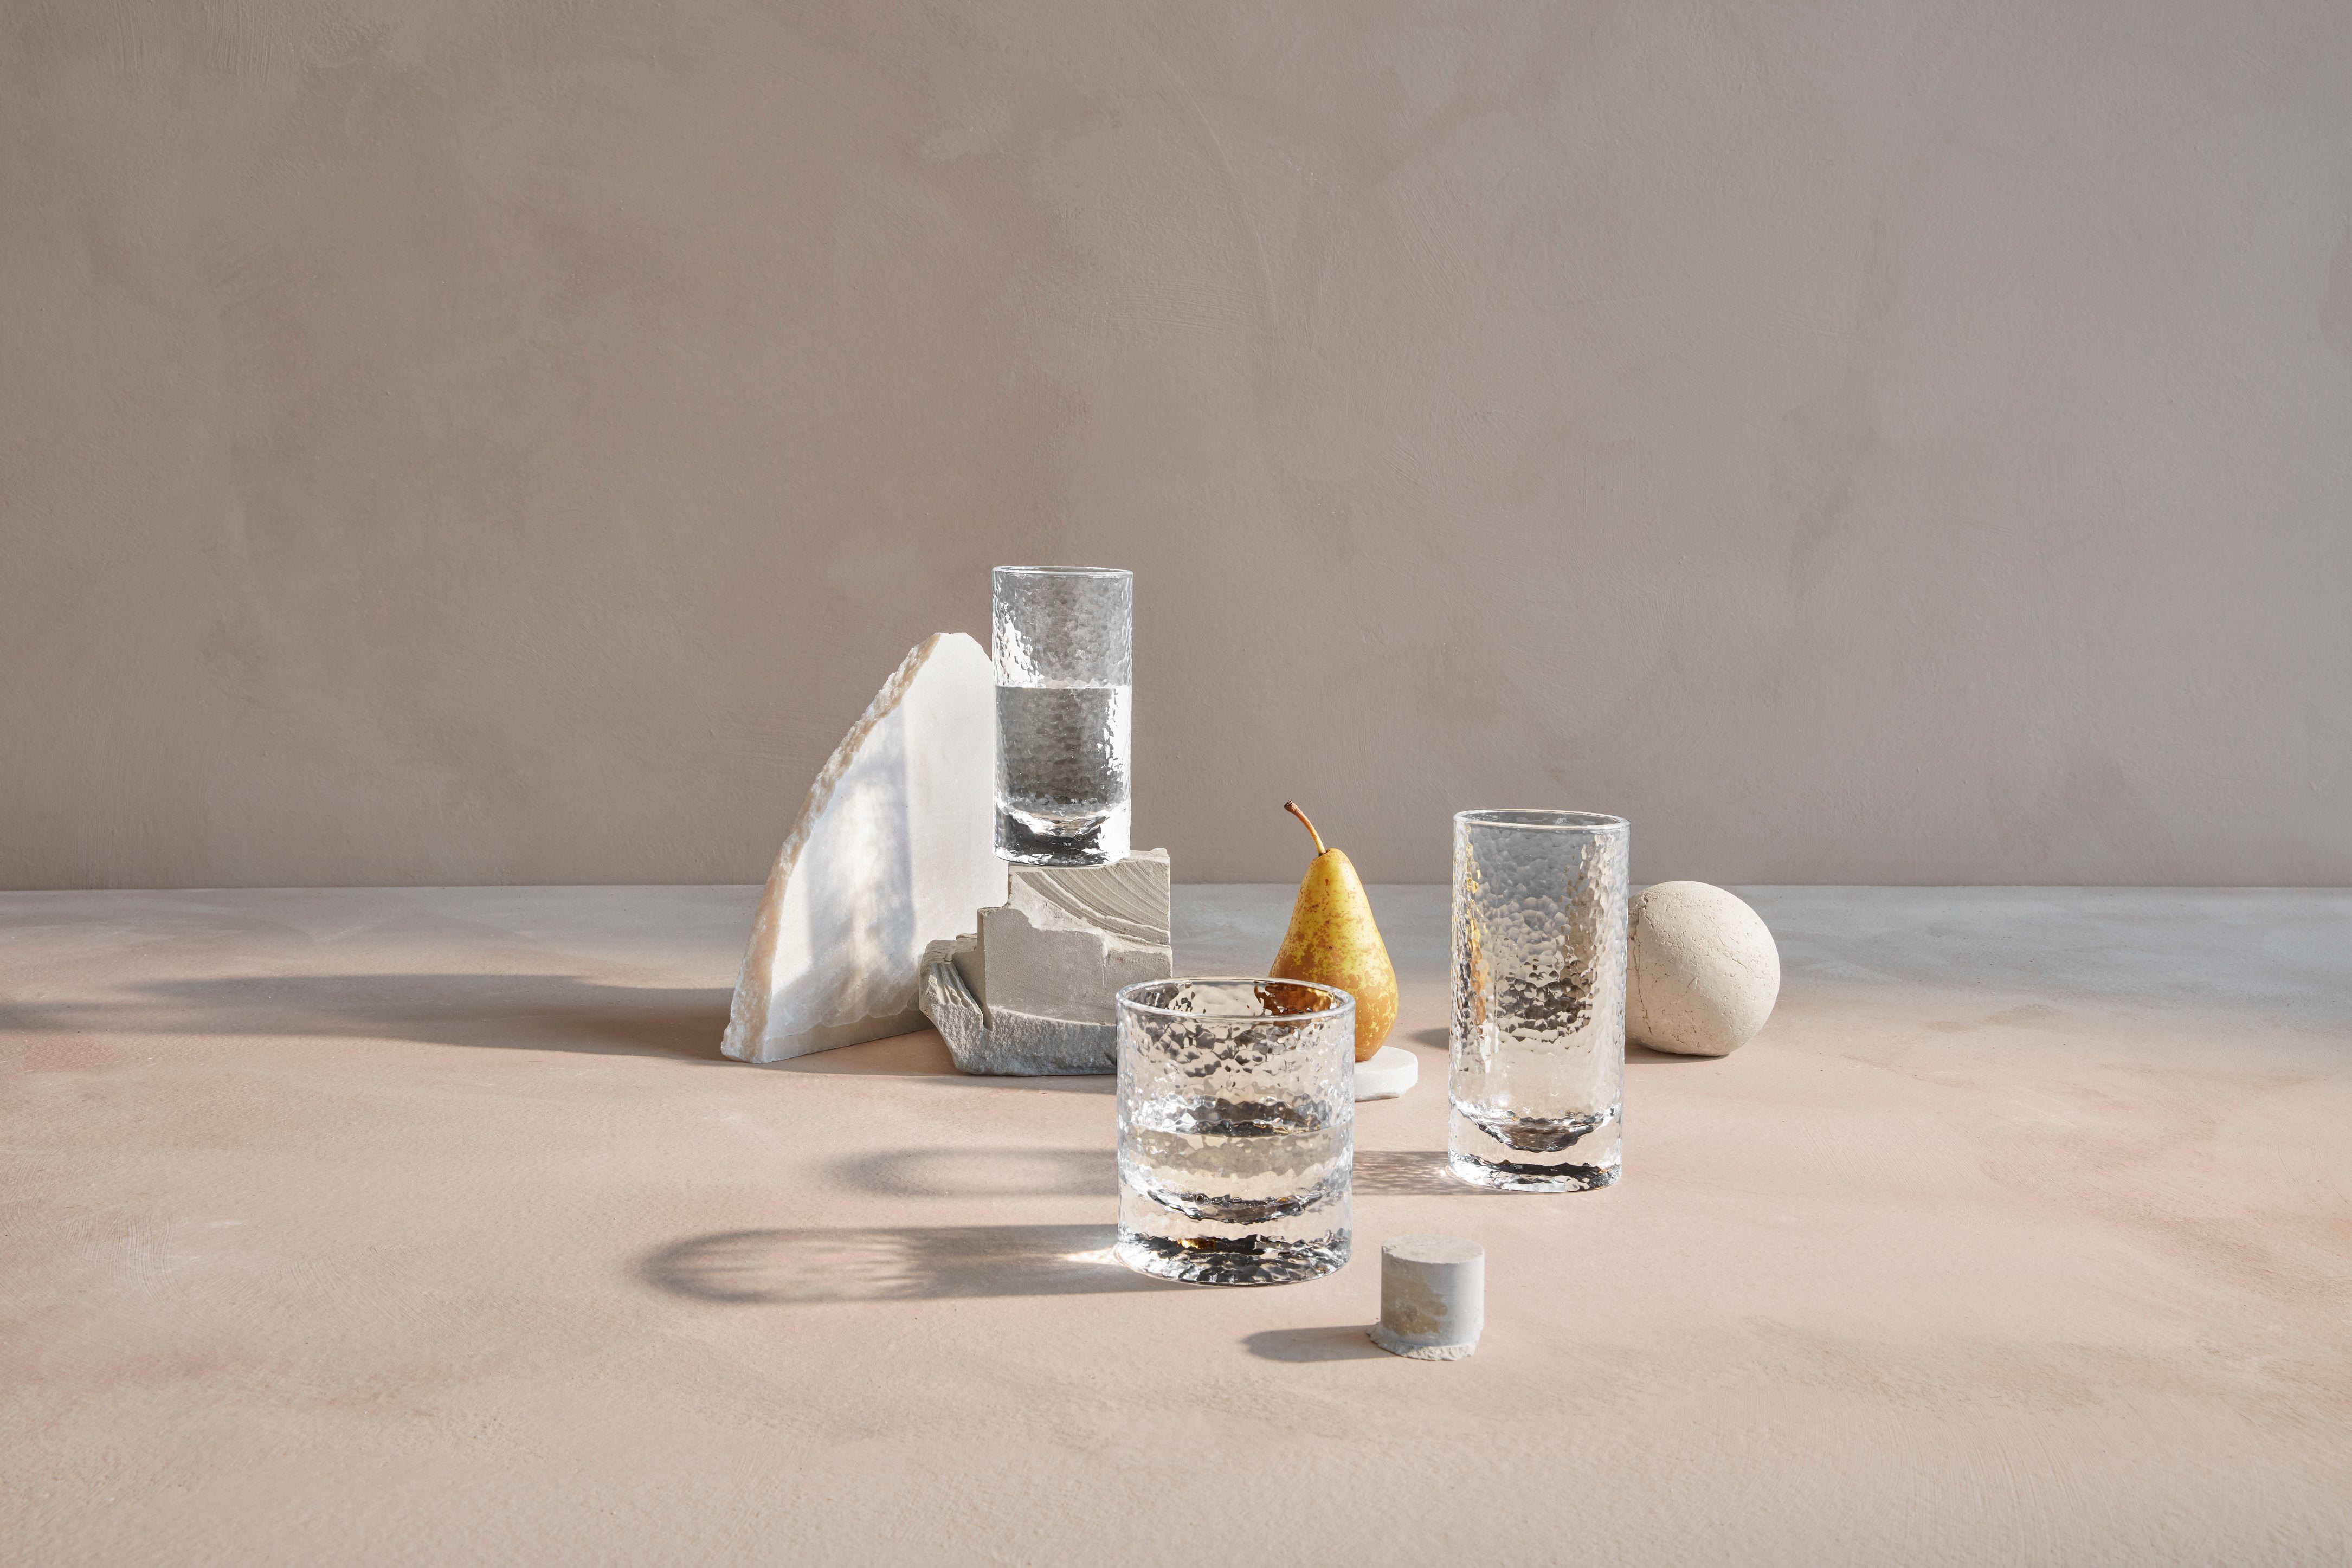 Holmegaard Forma longdrink glas, klar, 2 stk